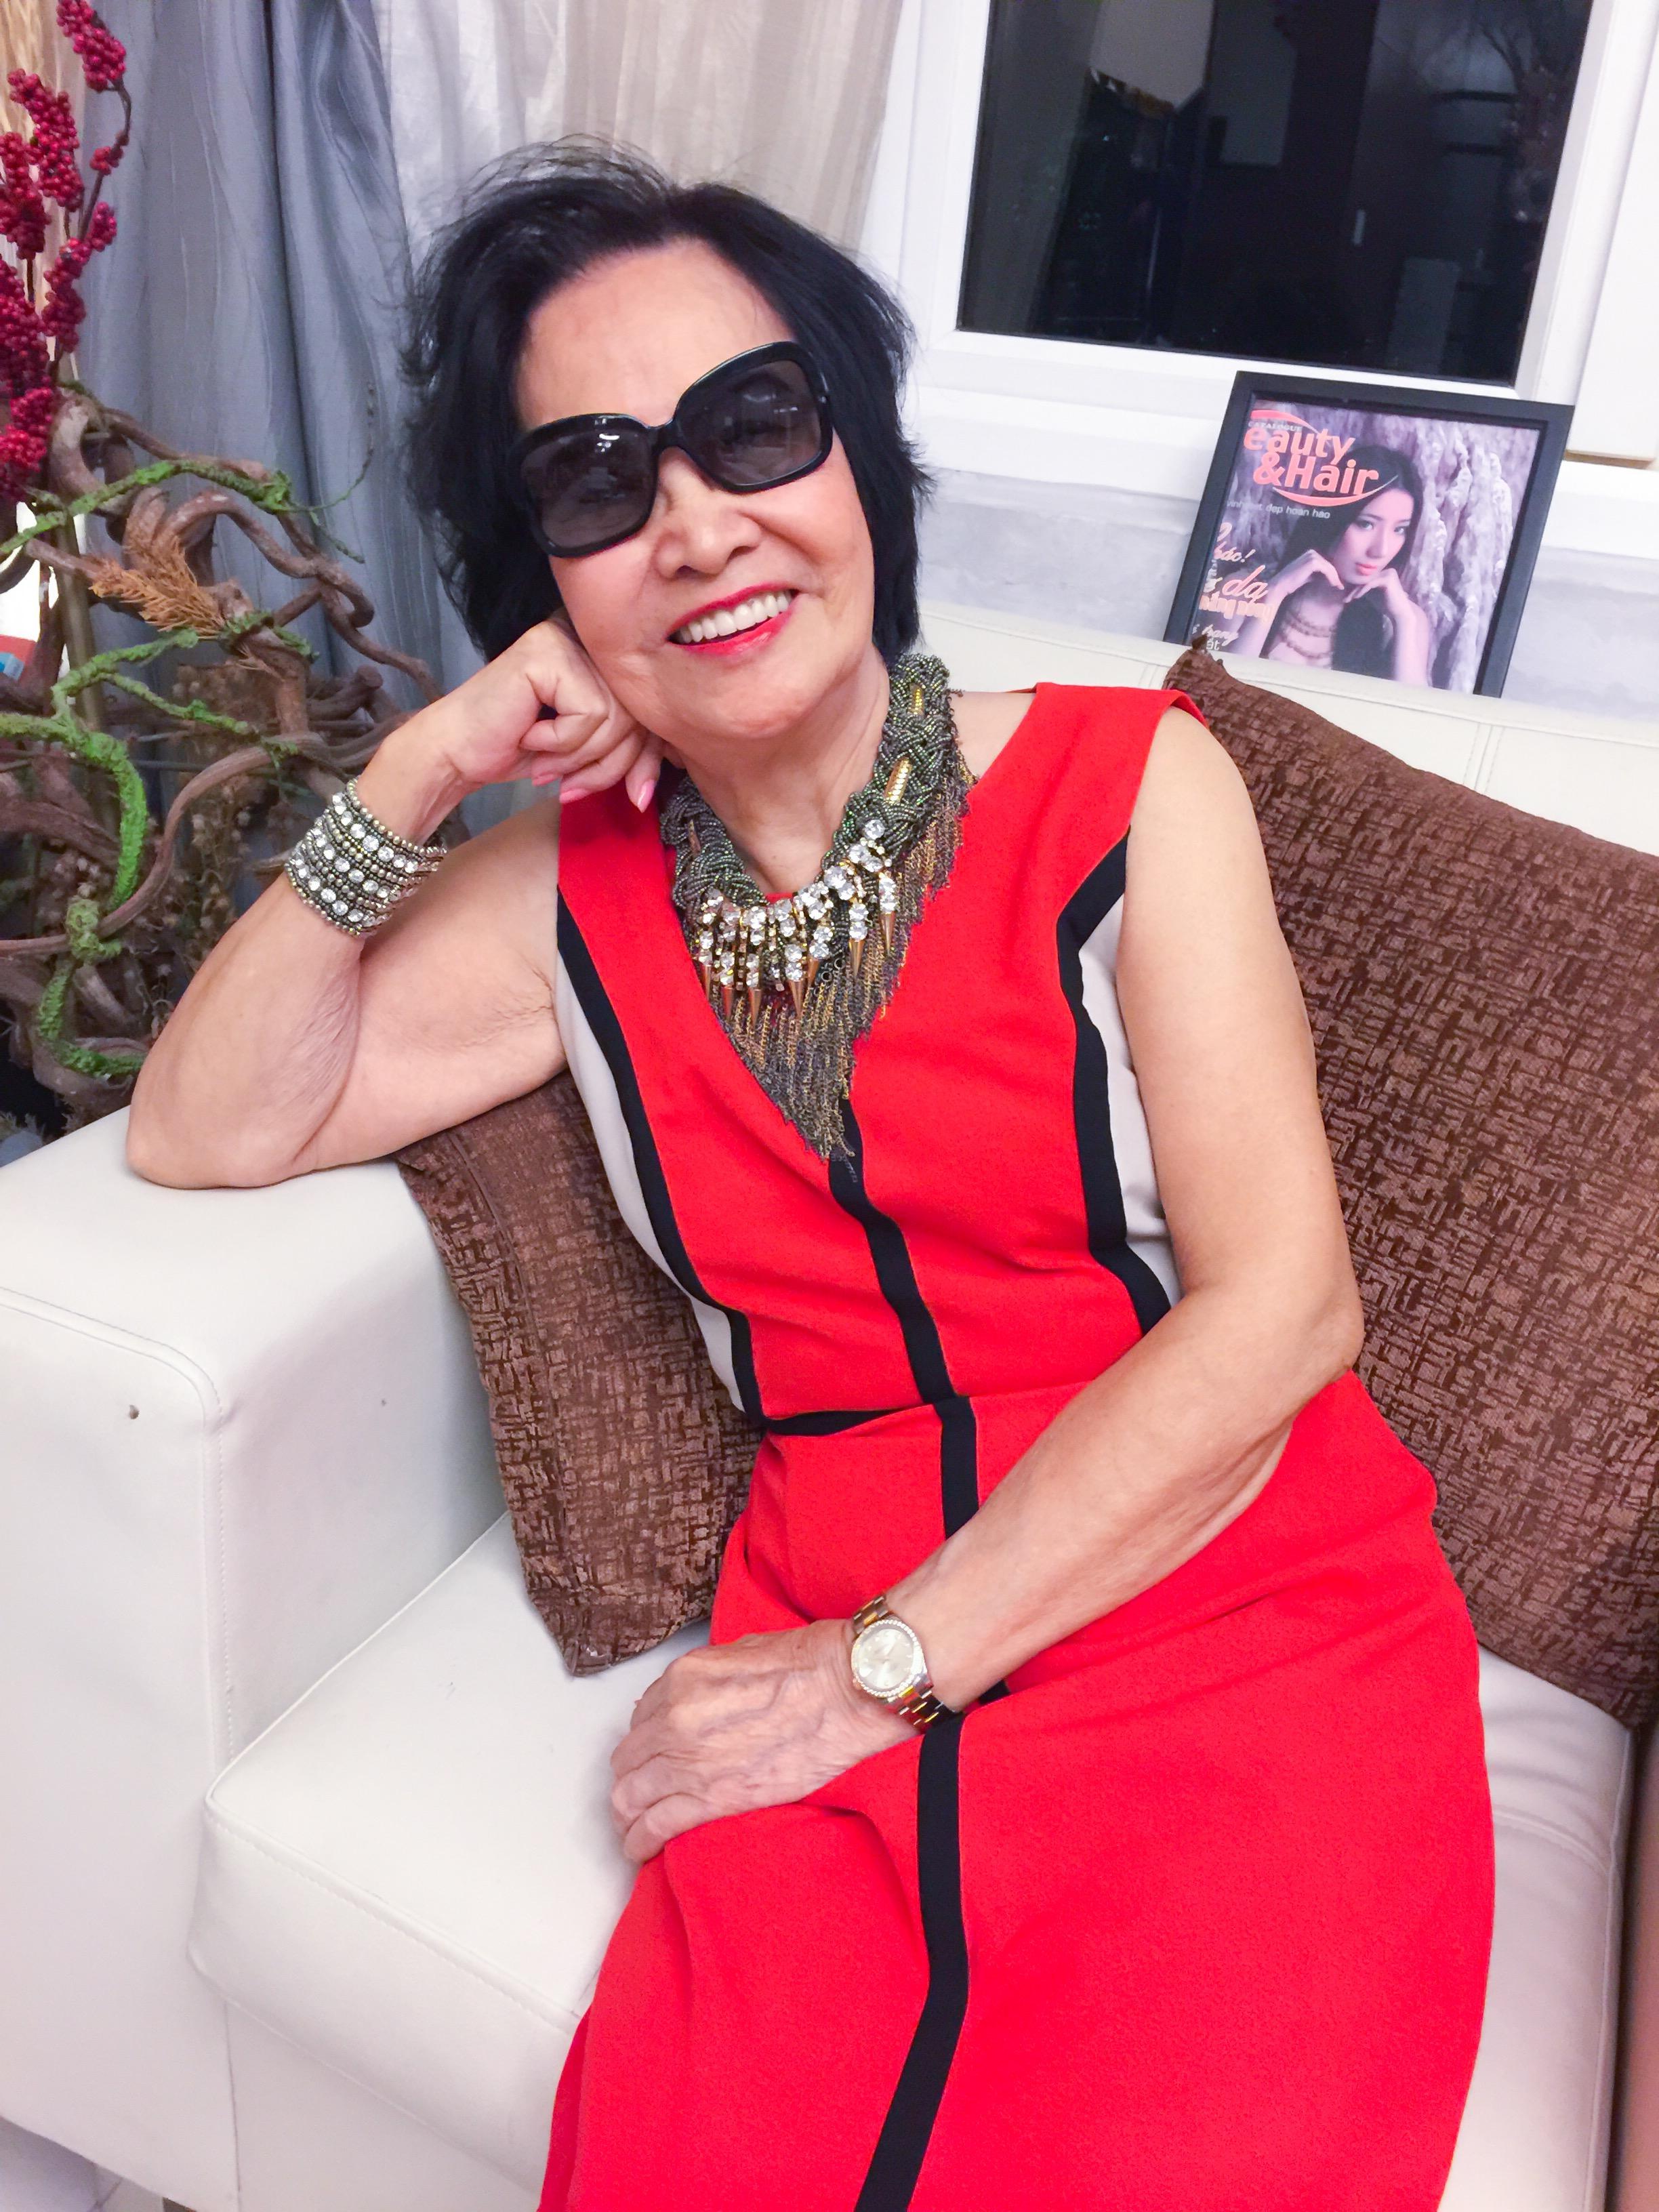 """""""Phải đẹp"""" là hai từ bà Nguyễn Thúy Hường luôn nhắc mọi người trong nhà"""